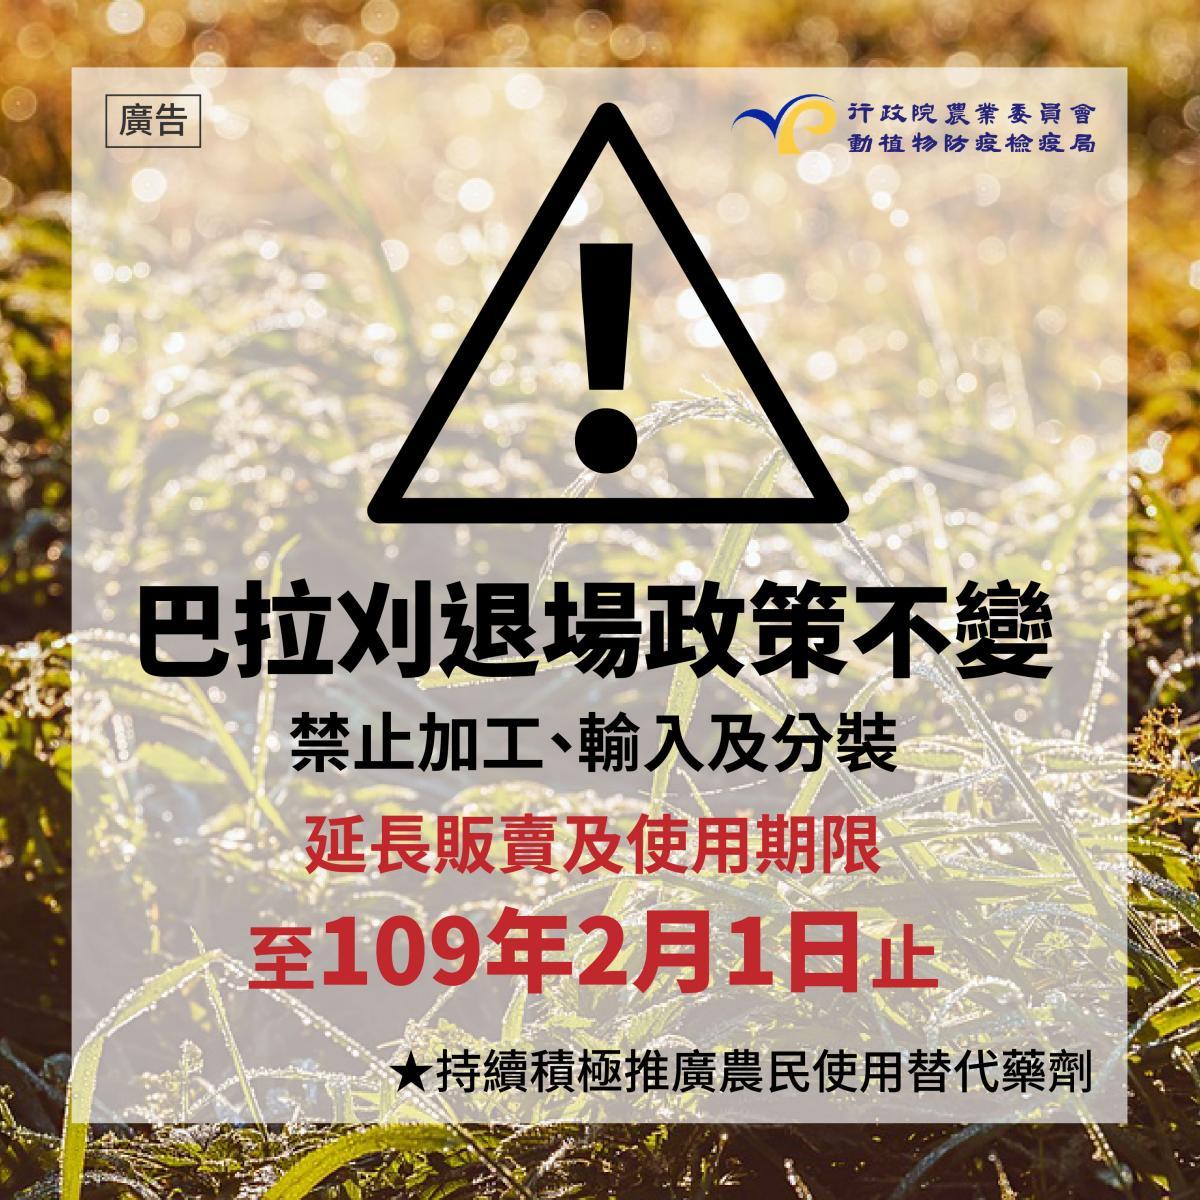 防檢局傍晚緊急踩剎車,宣布除草劑巴拉刈禁令延後1年。(圖片提供/農委會)